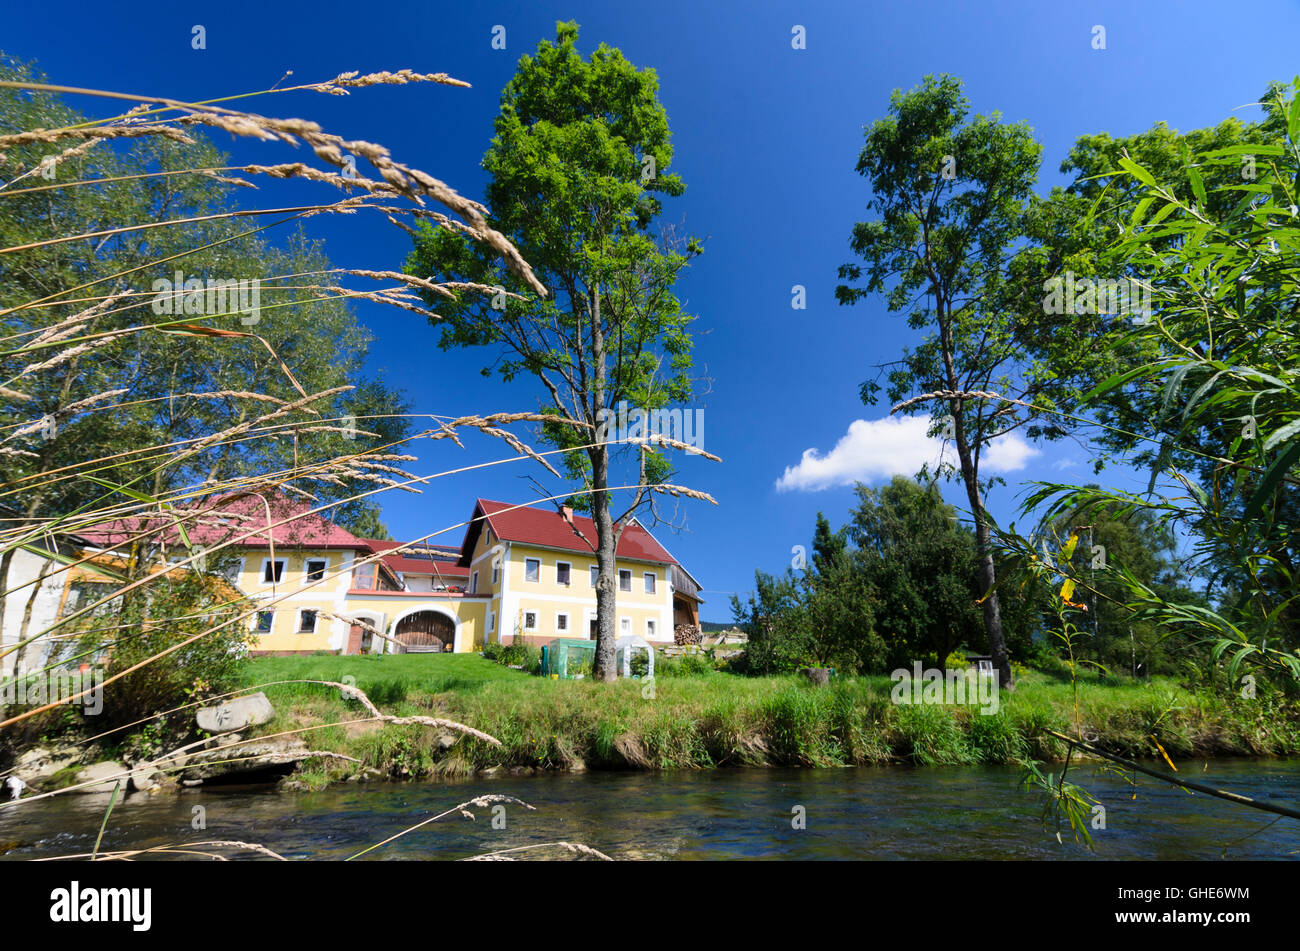 Ulrichsberg: Farm on the creek Große Mühl, Austria, Oberösterreich, Upper Austria, Mühlviertel - Stock Image